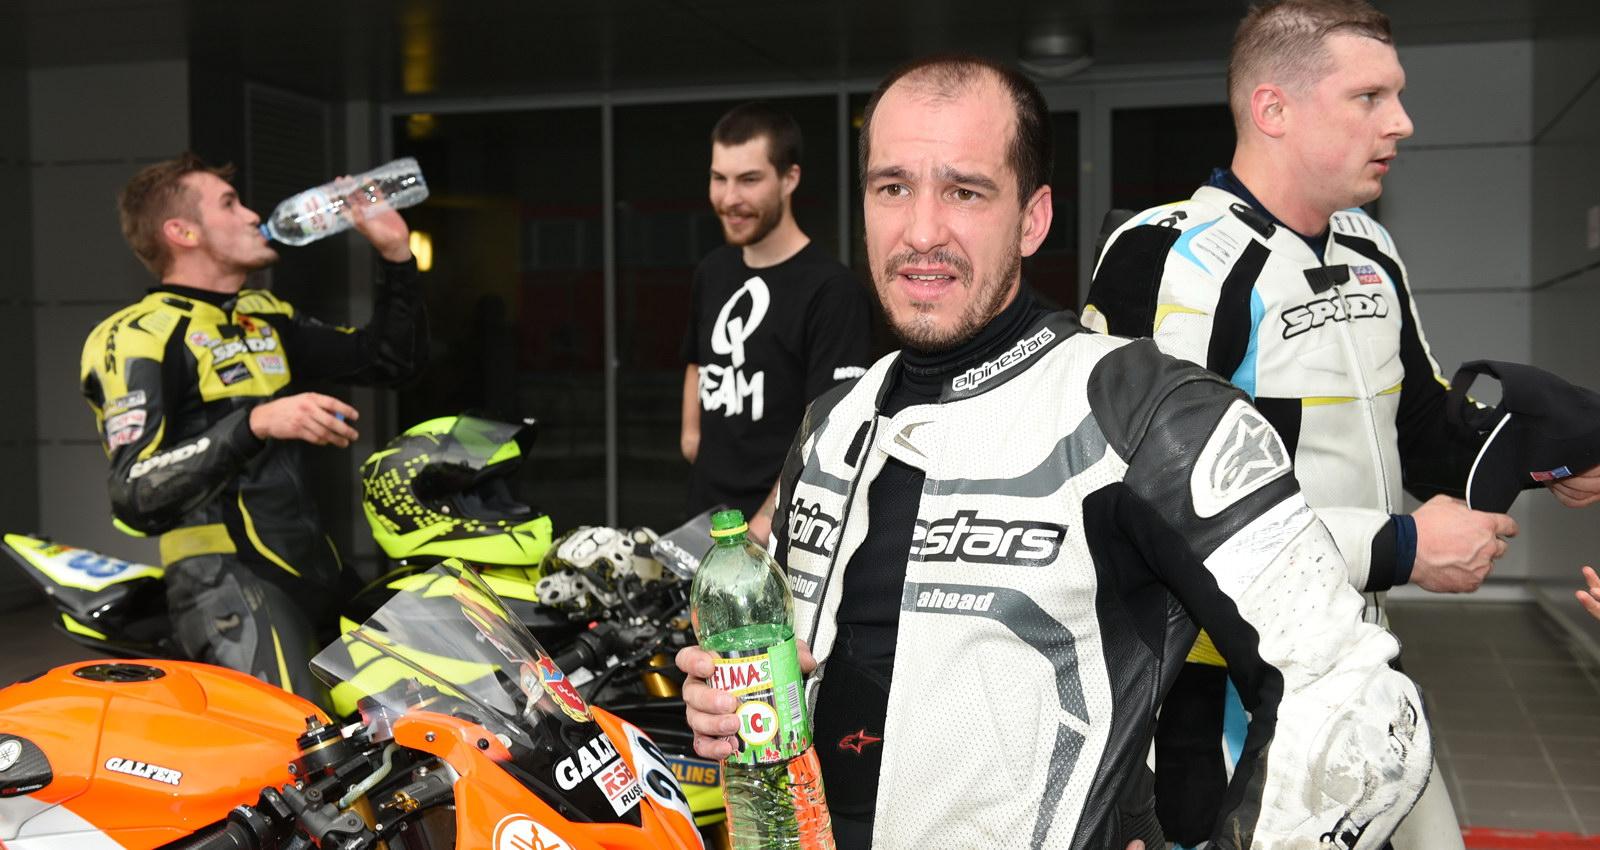 Евгений Семенович восстанавливается после июльской травмы, но удерживает 1-ю позицию в Чемпионате!